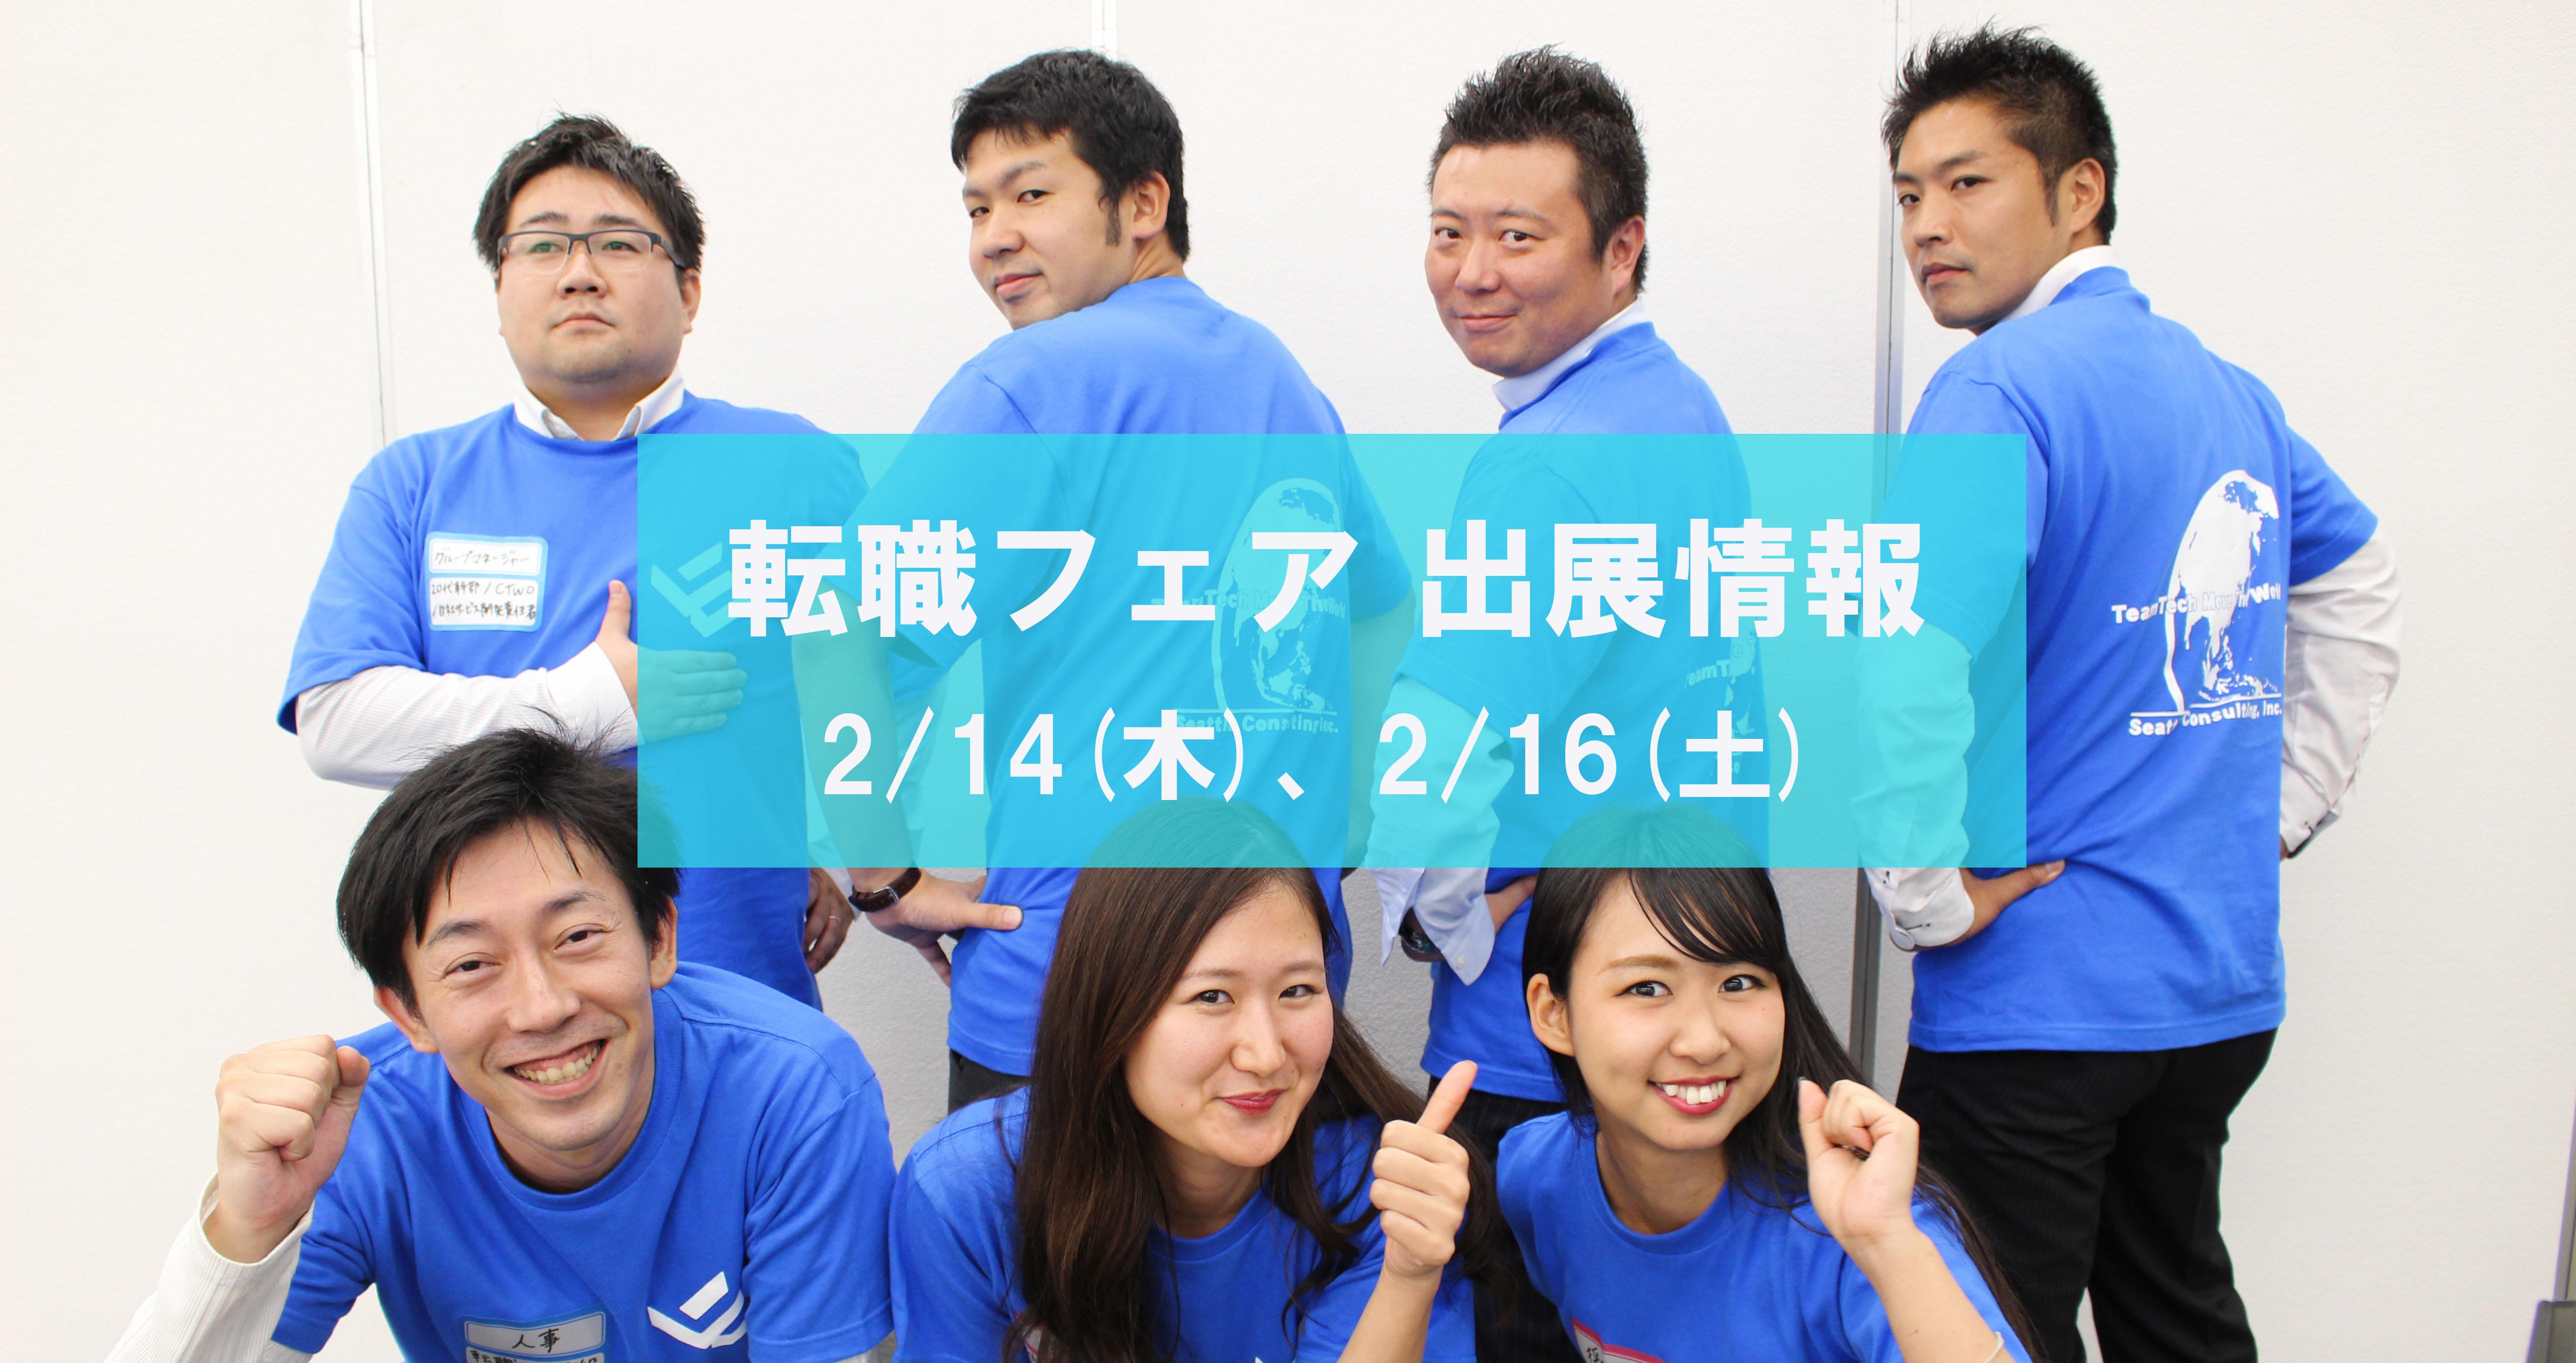 【2月14日 / 16日】doda転職フェアに出展します!会いに来てください!!